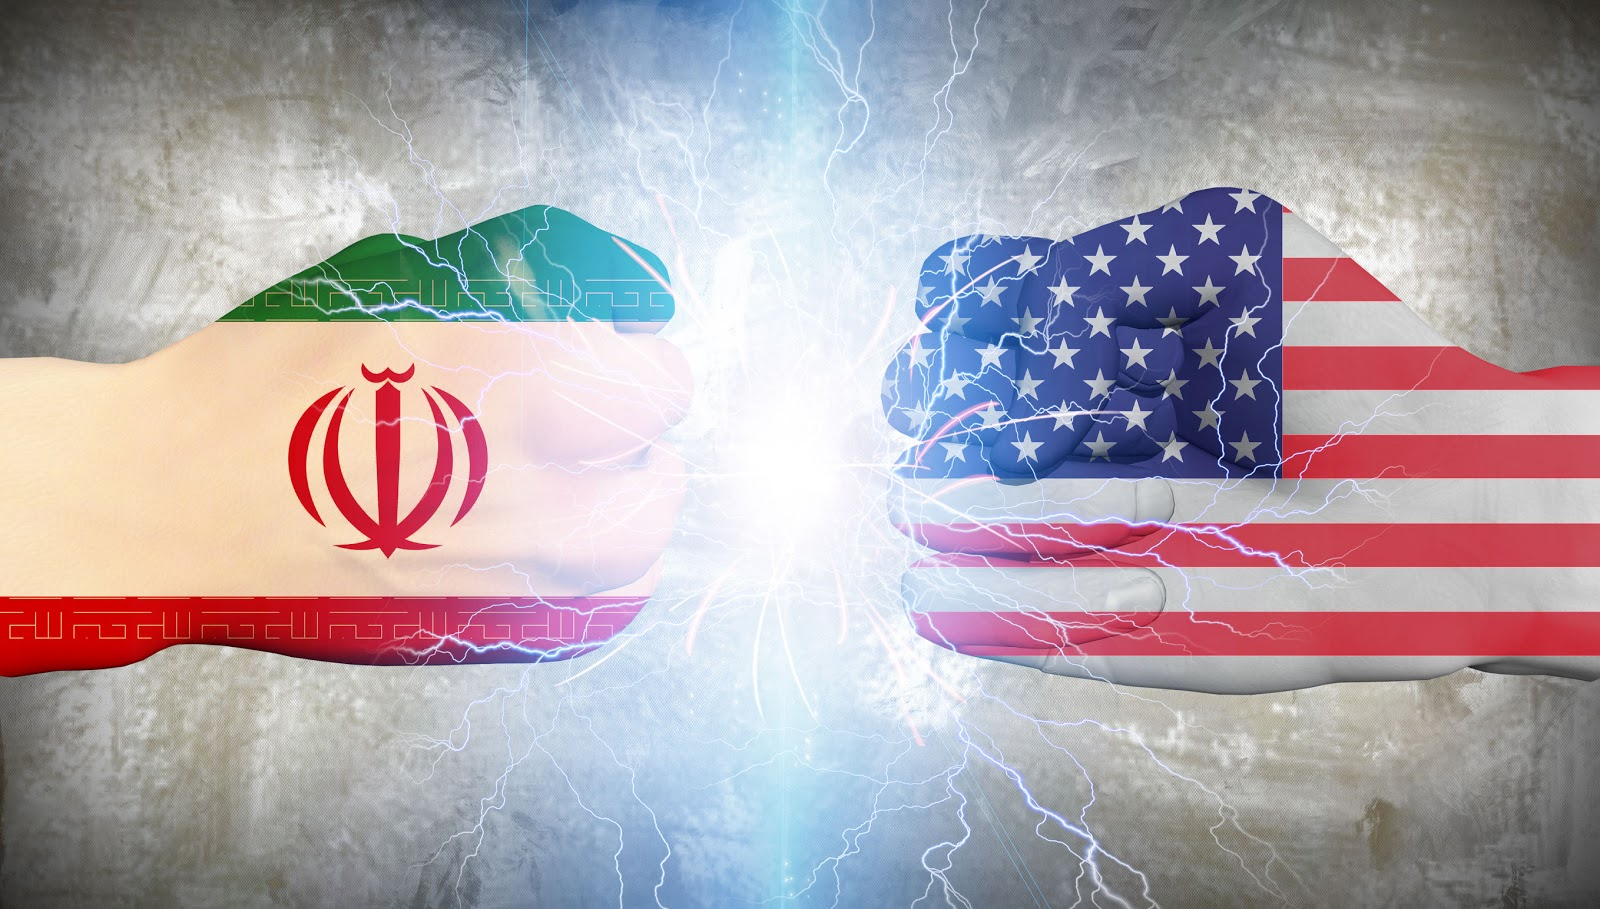 США объявили о введении санкций против Национального банка Ирана